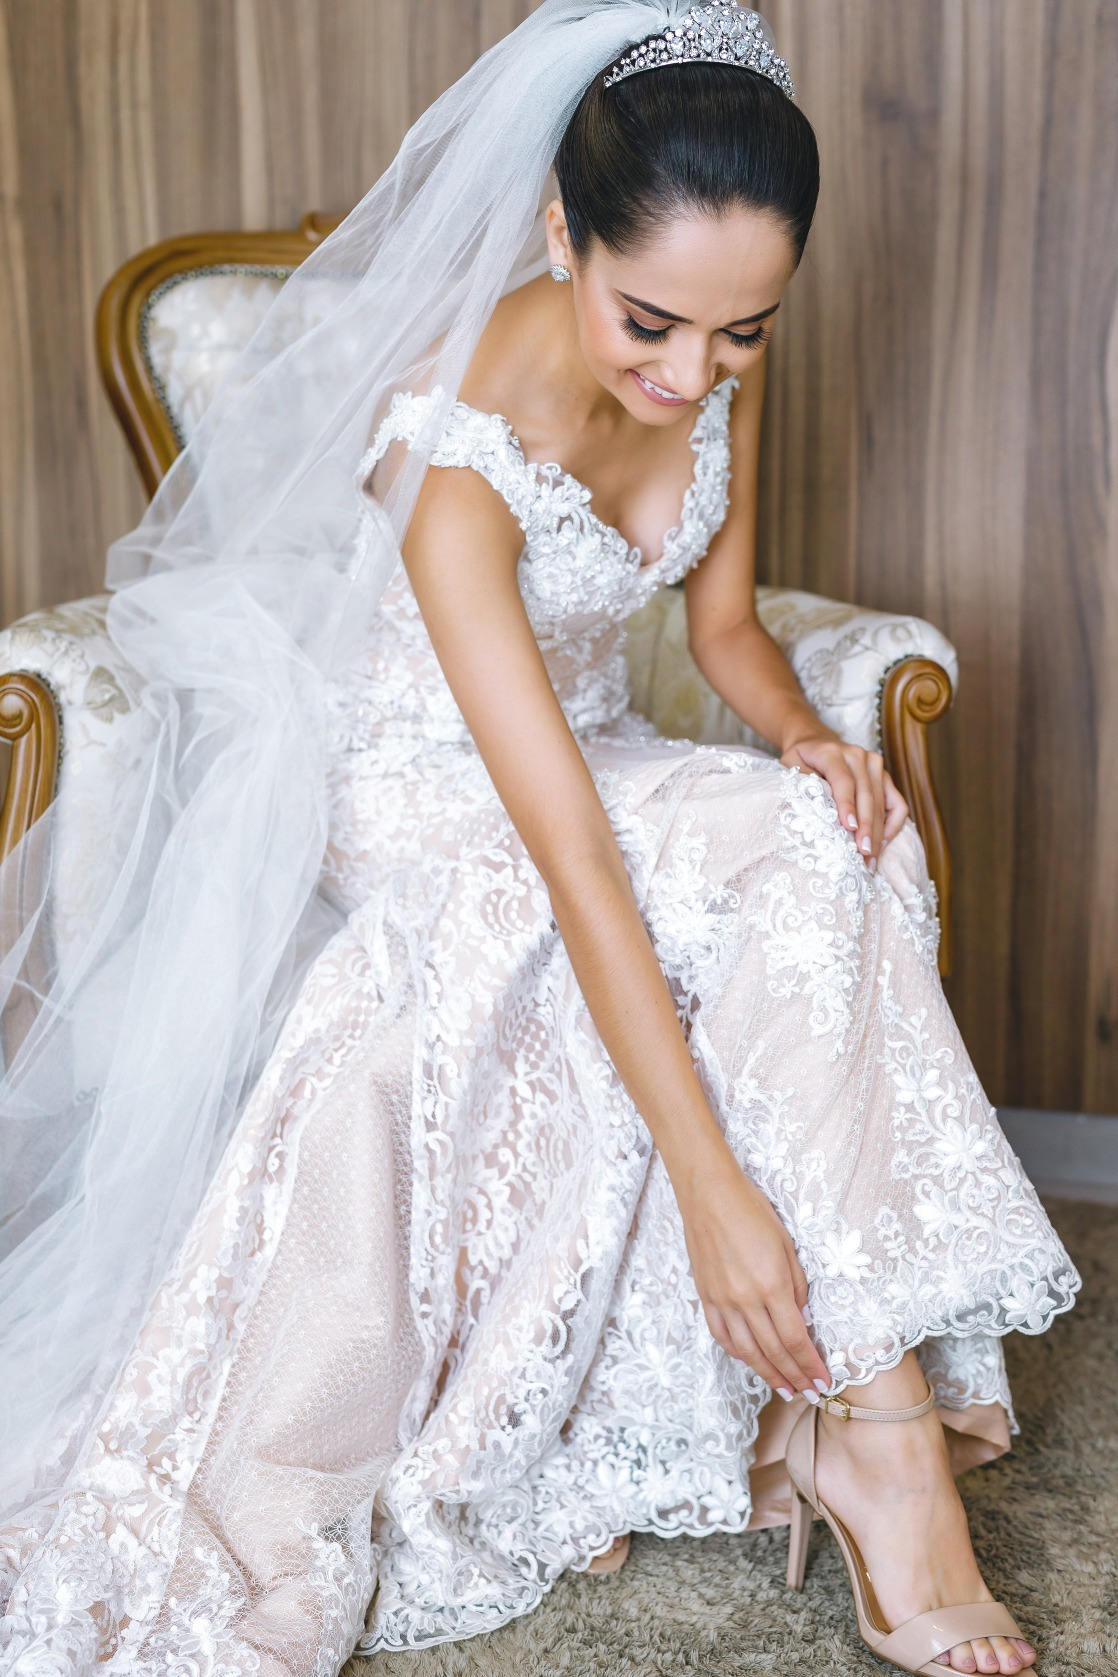 casamento em Pará de Minas - Francielle e DenisFoto Demétrio Laurentys - Vestido Zephora Linha Premium